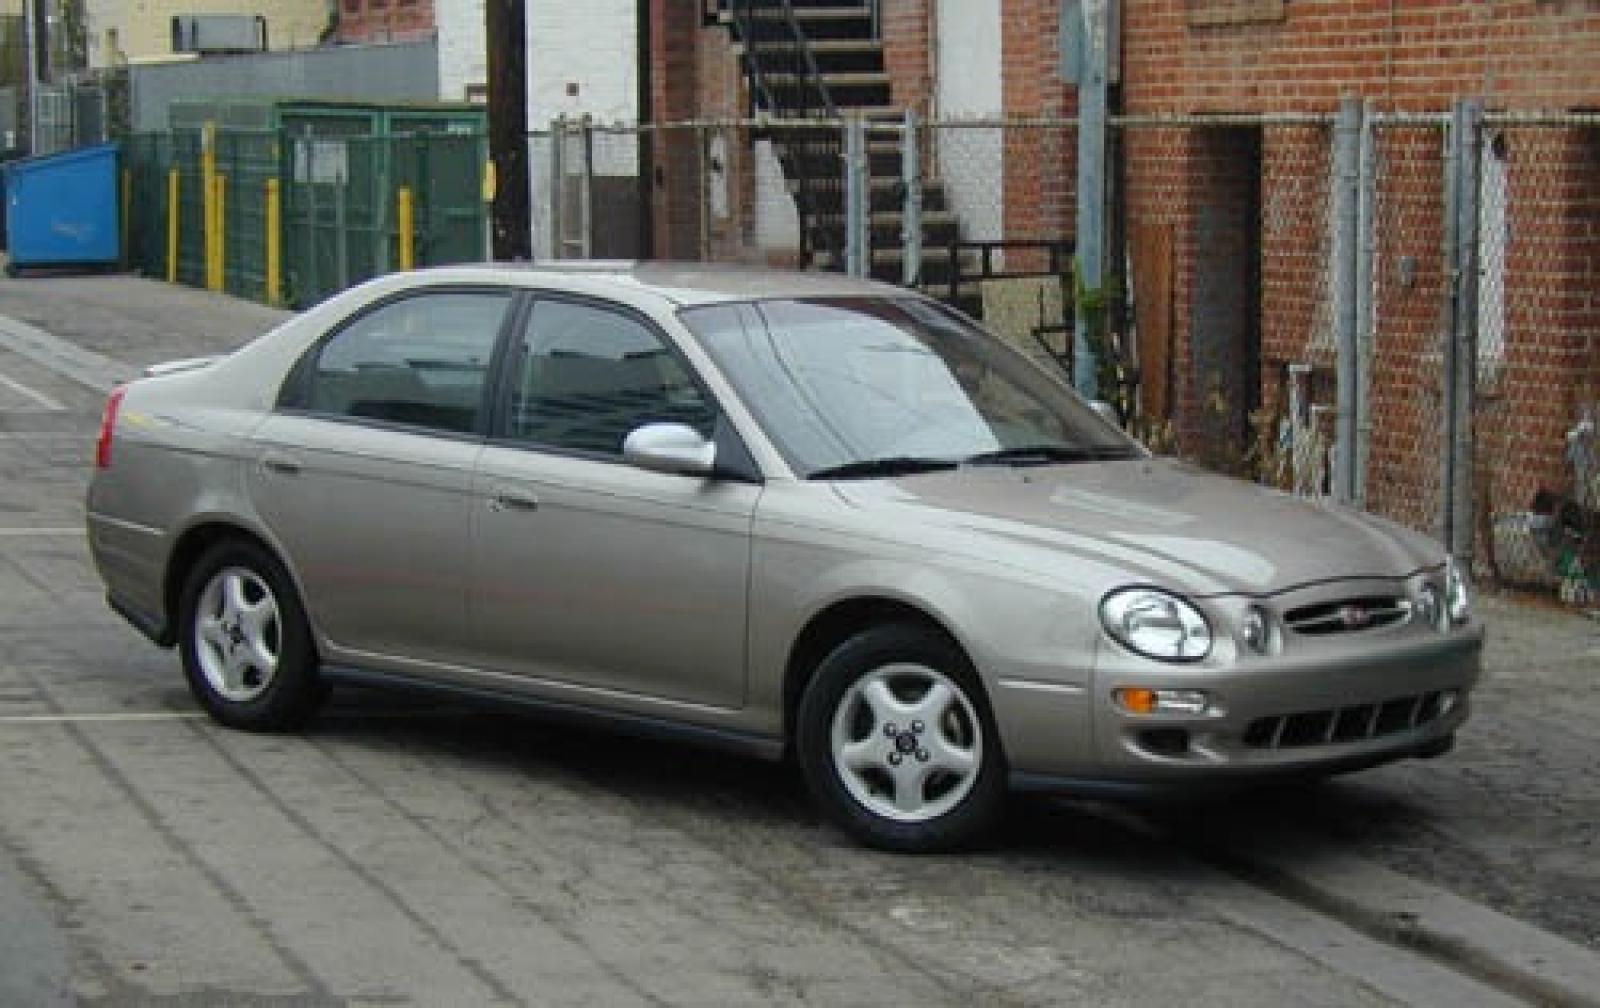 Kia Spectra I 2000 - 2001 Liftback #2